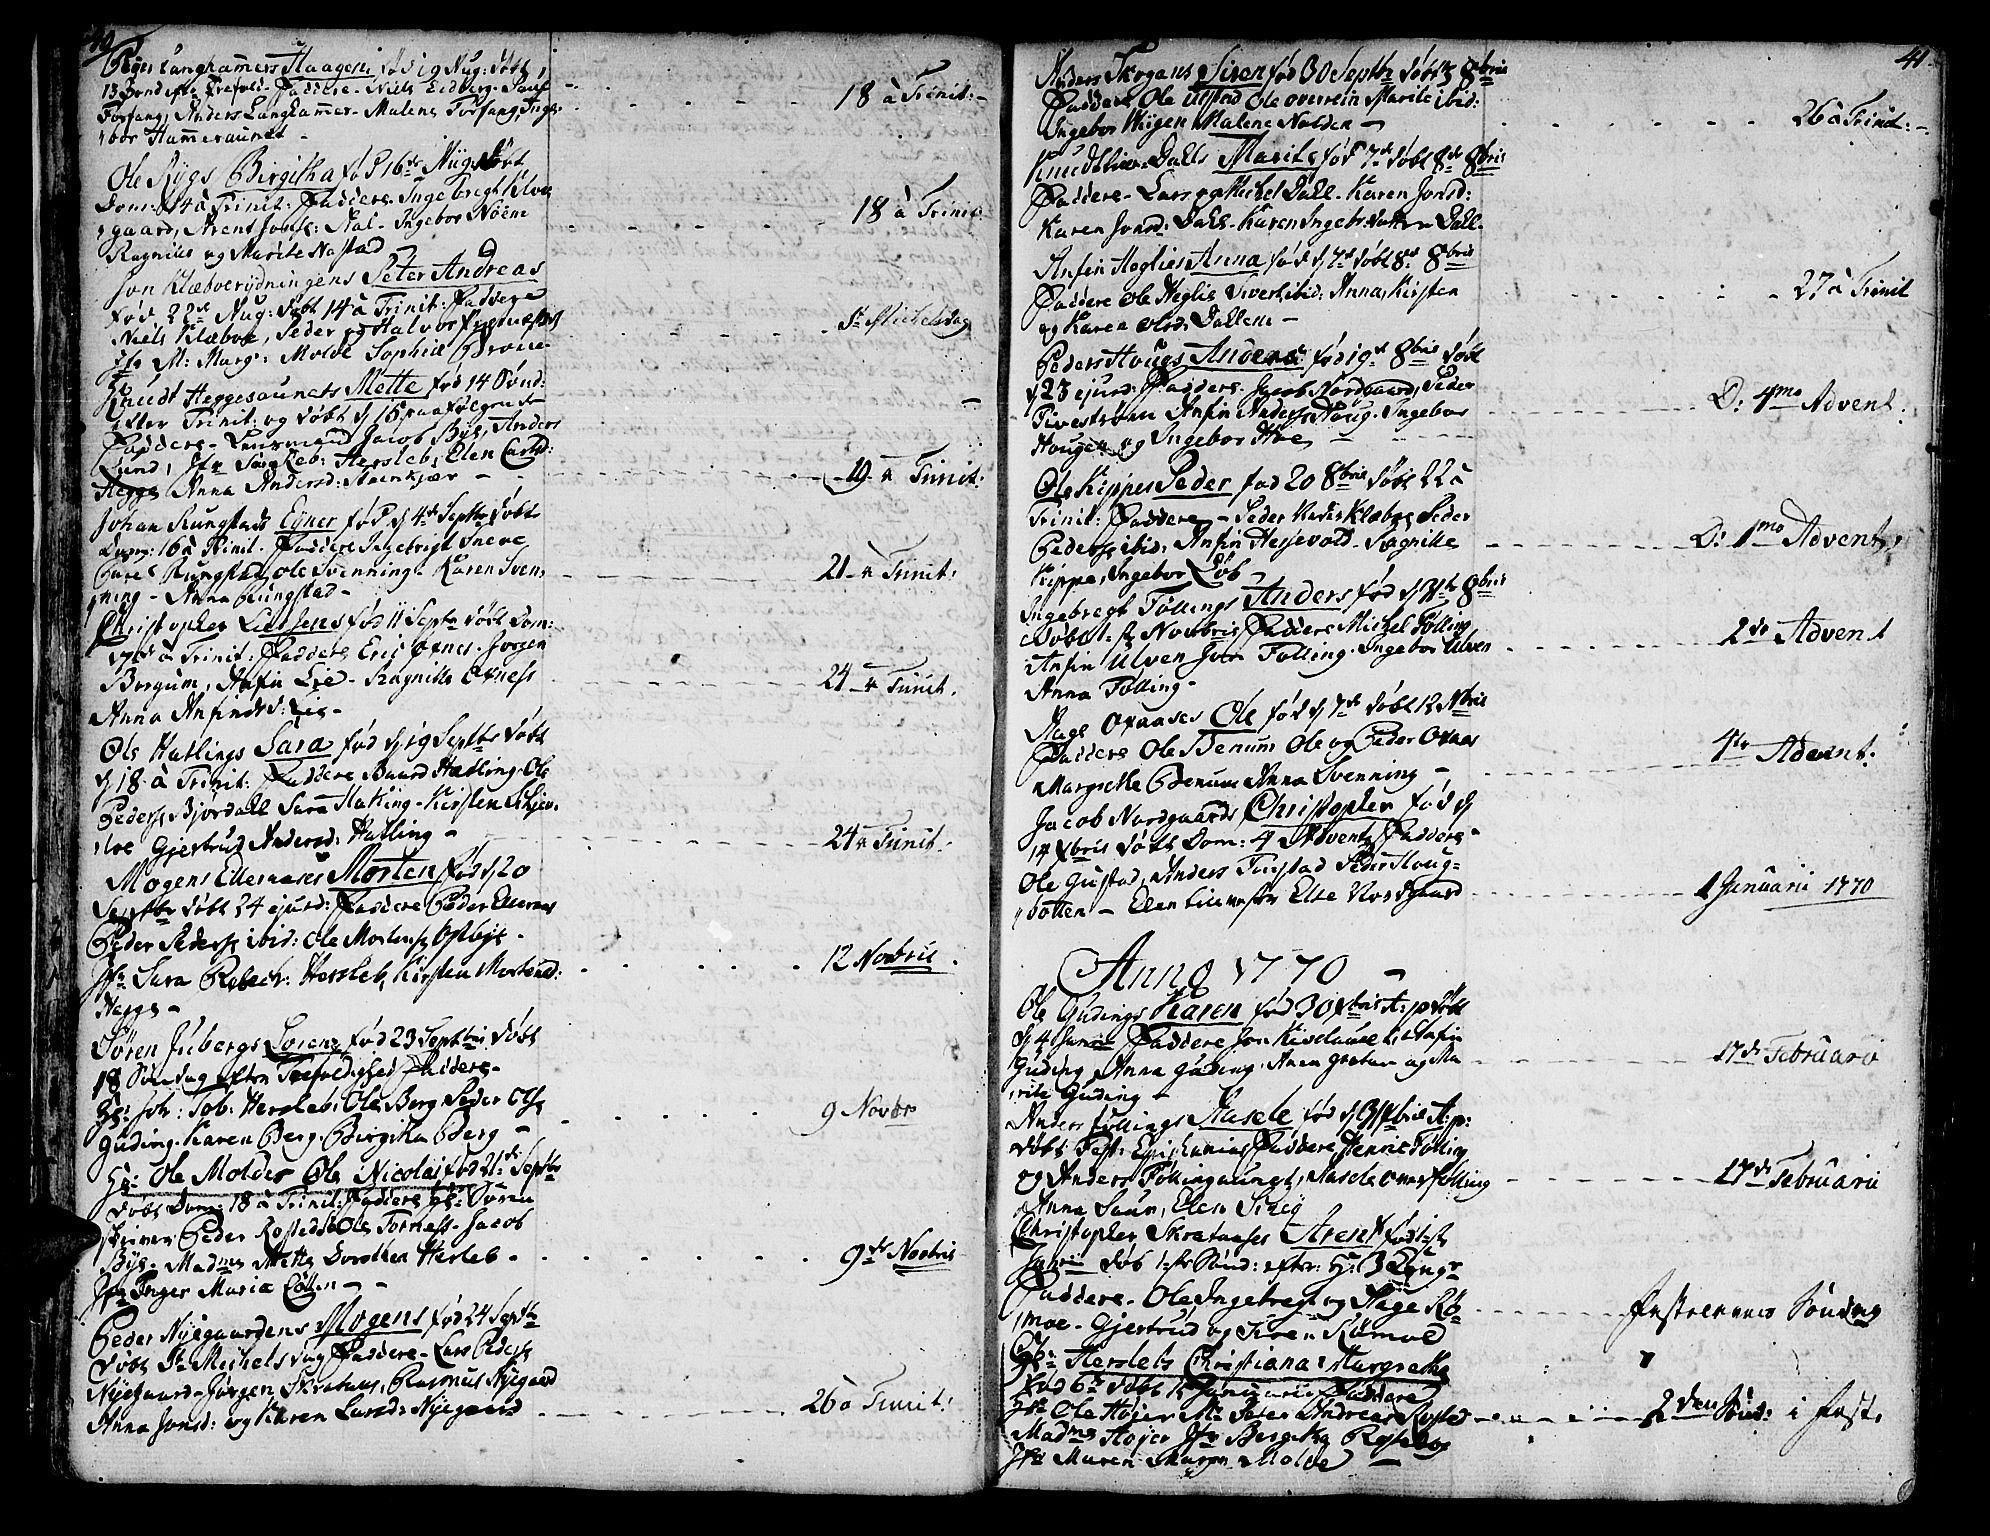 SAT, Ministerialprotokoller, klokkerbøker og fødselsregistre - Nord-Trøndelag, 746/L0440: Ministerialbok nr. 746A02, 1760-1815, s. 40-41